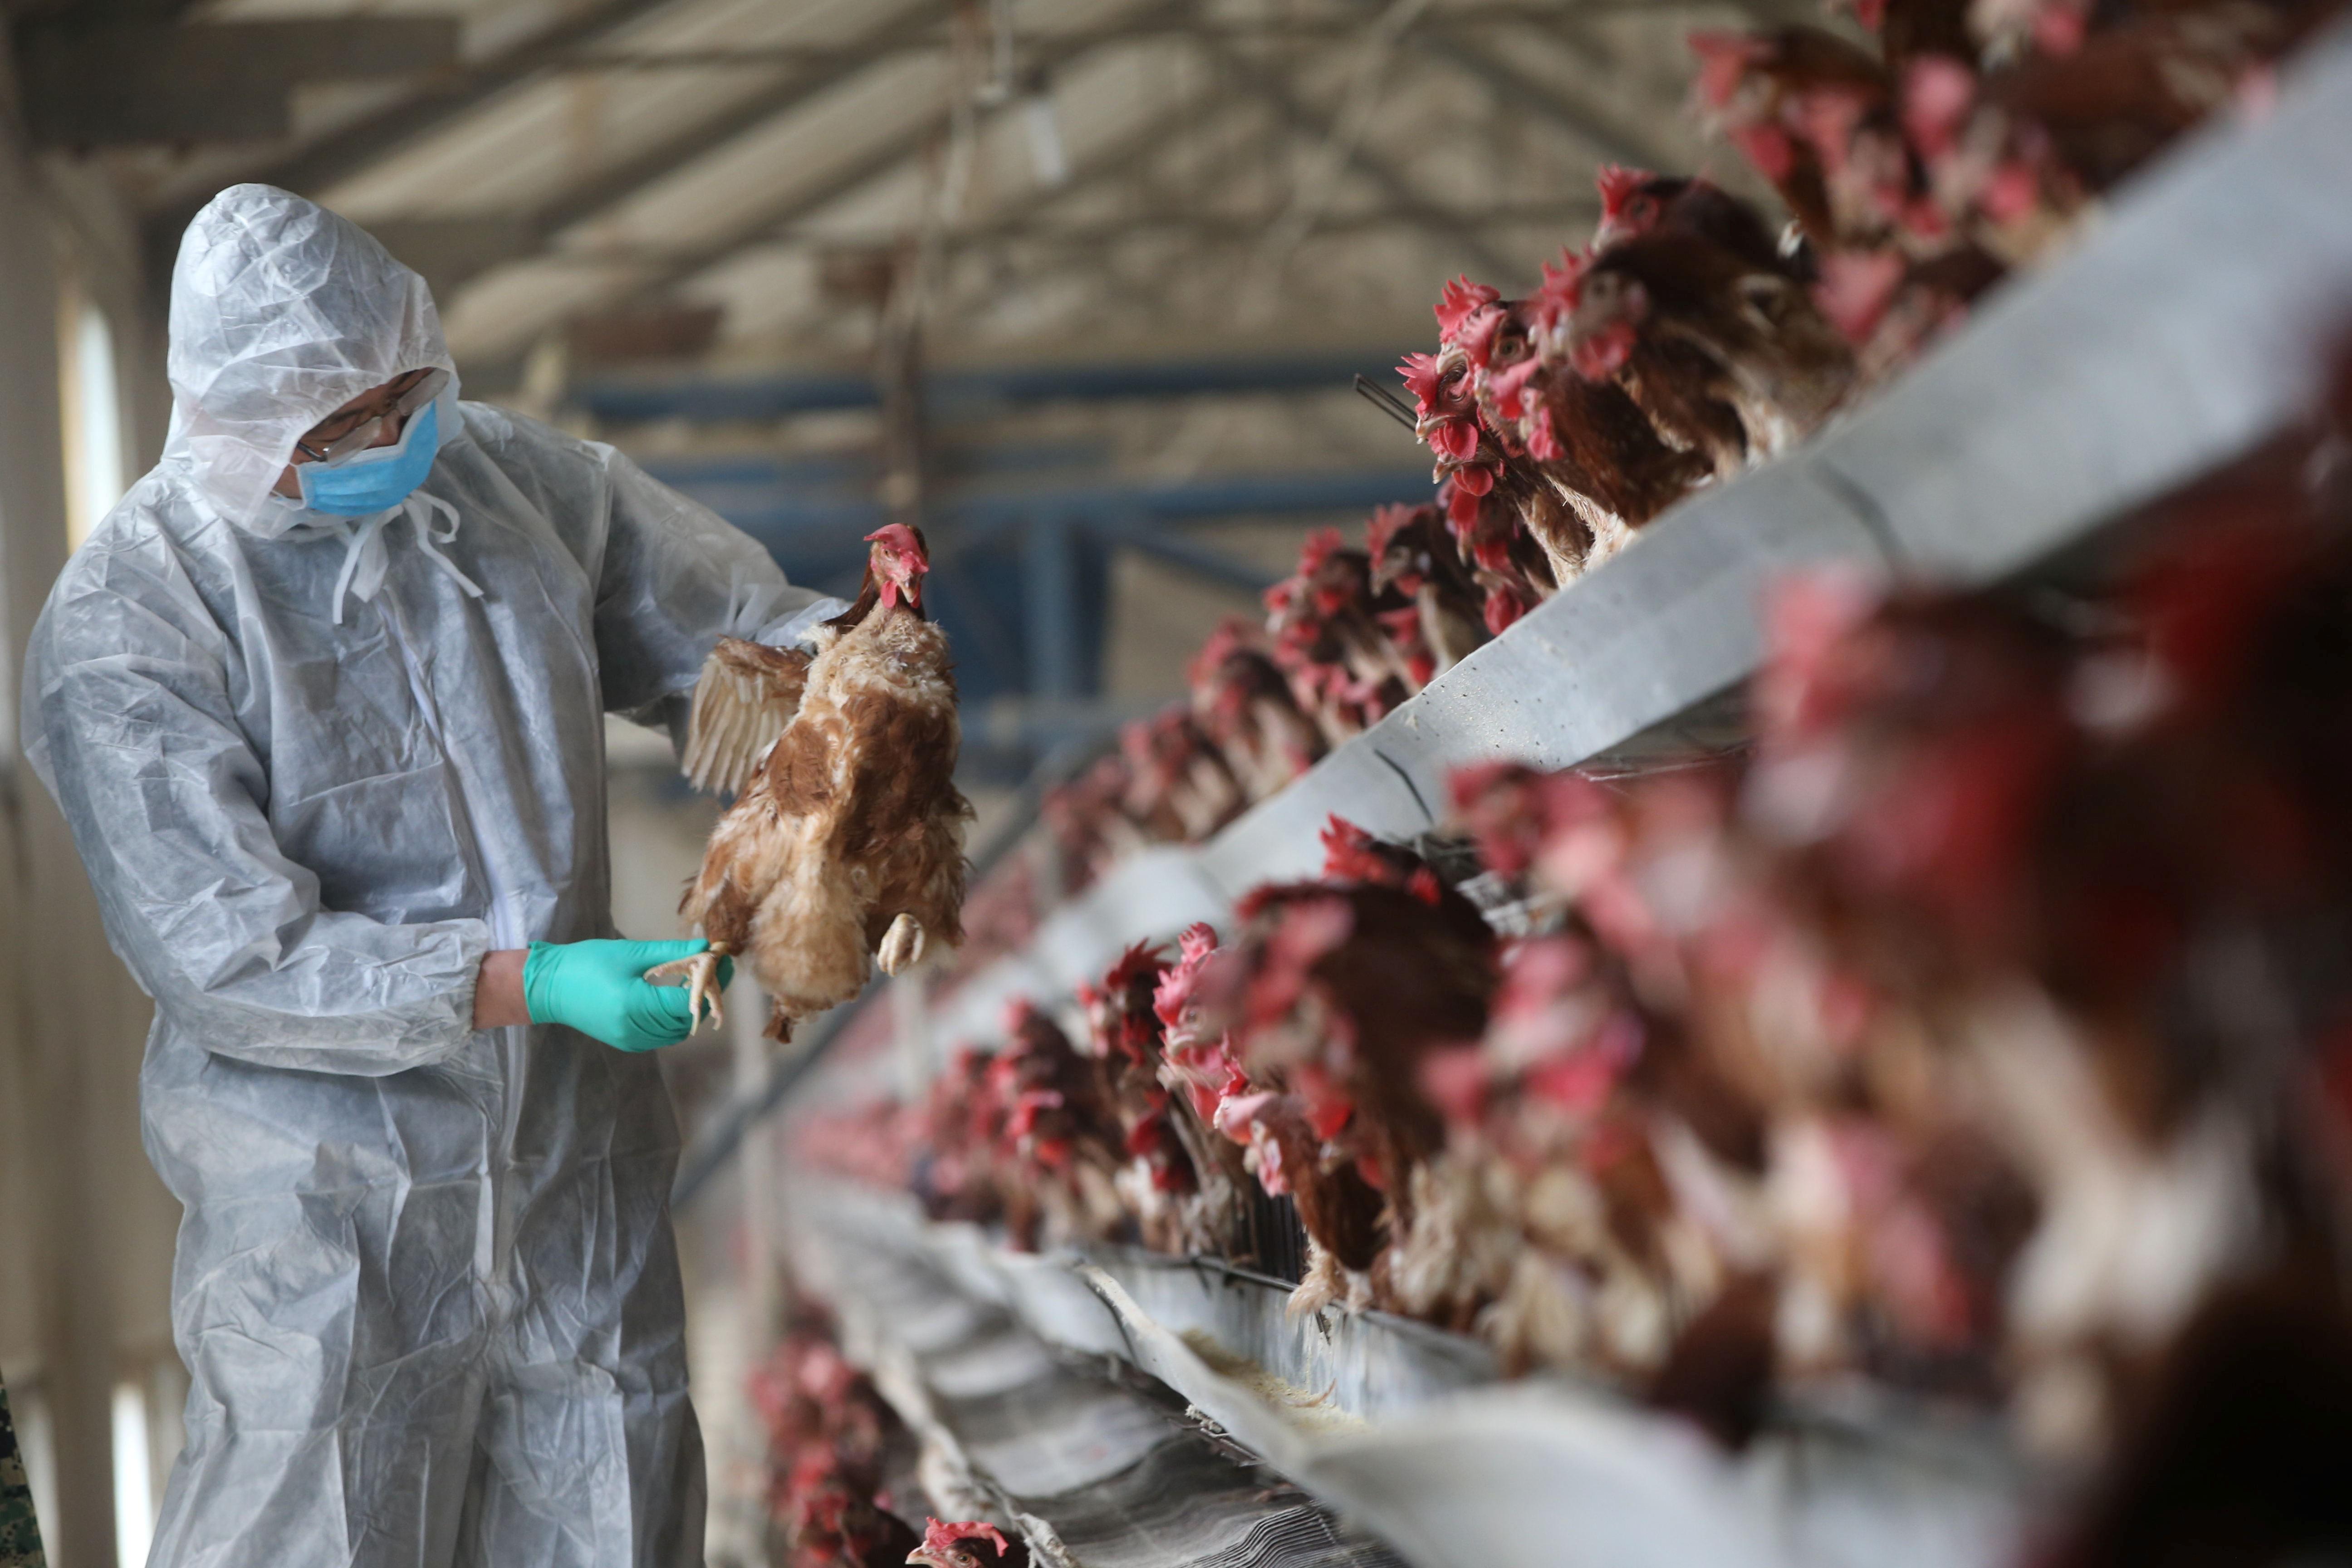 Fazenda de carne de frango, em Xiangyang, China (Foto: REUTERS/Stringer)